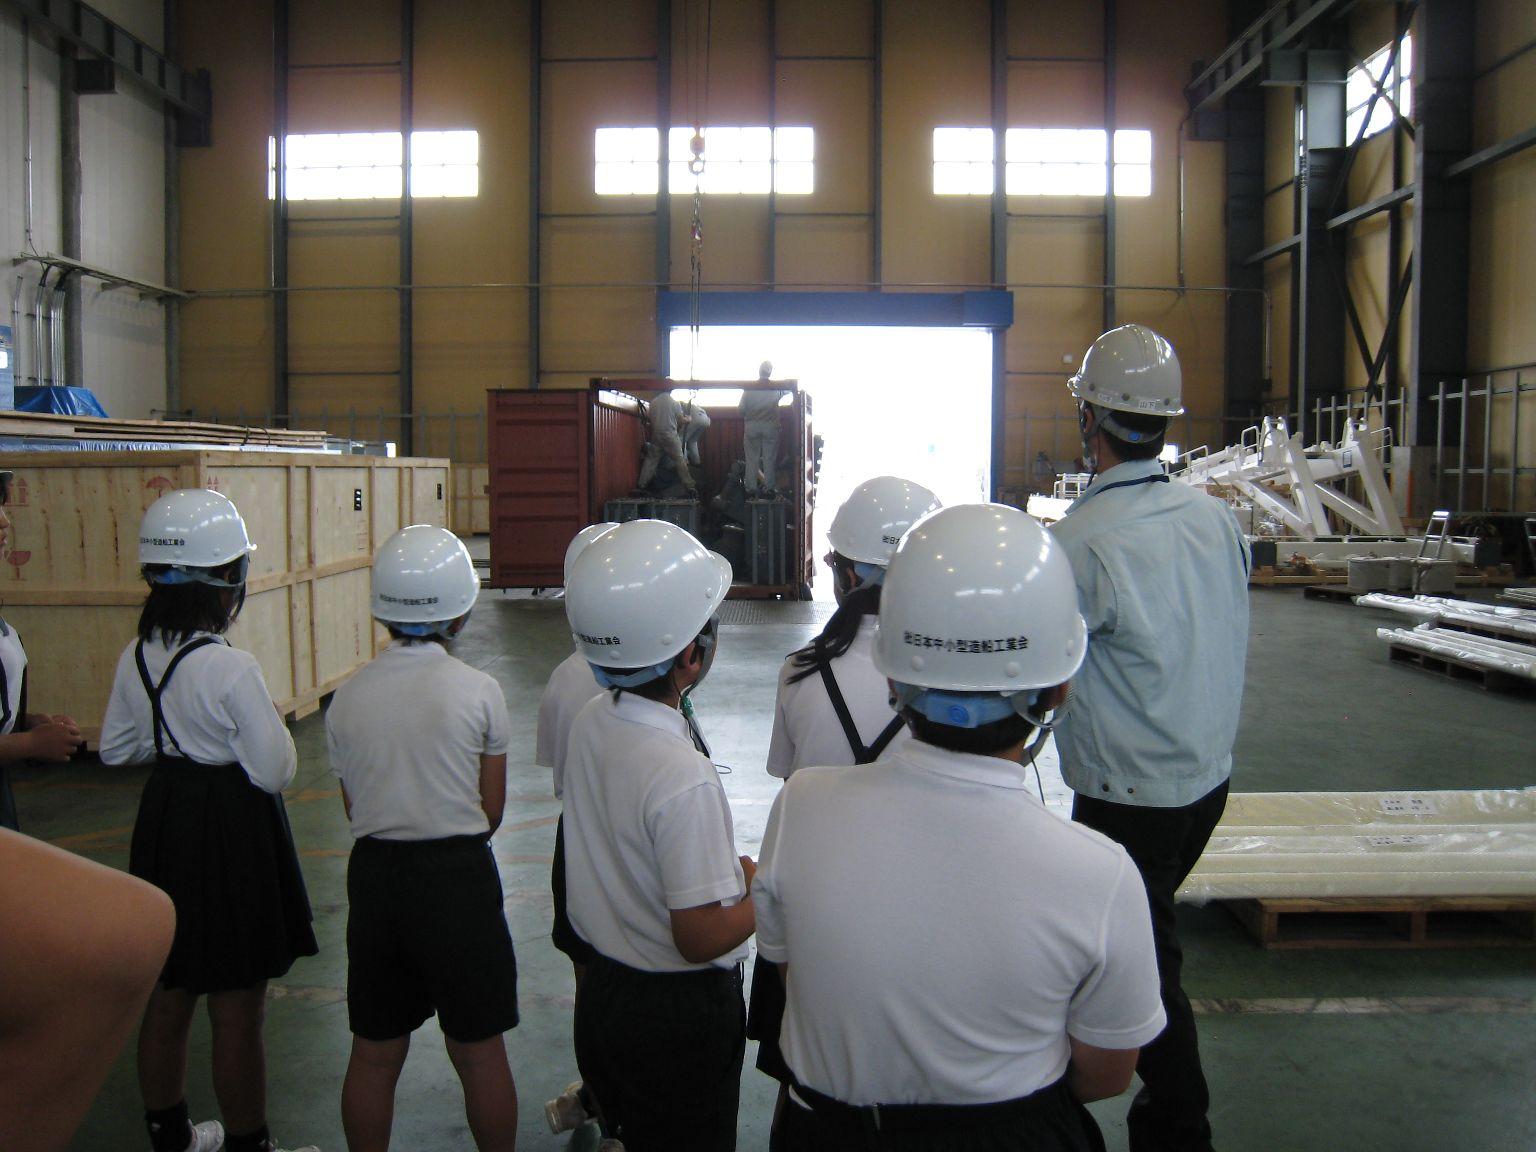 海外の造船所へ送る荷物が保管されている倉庫を見学